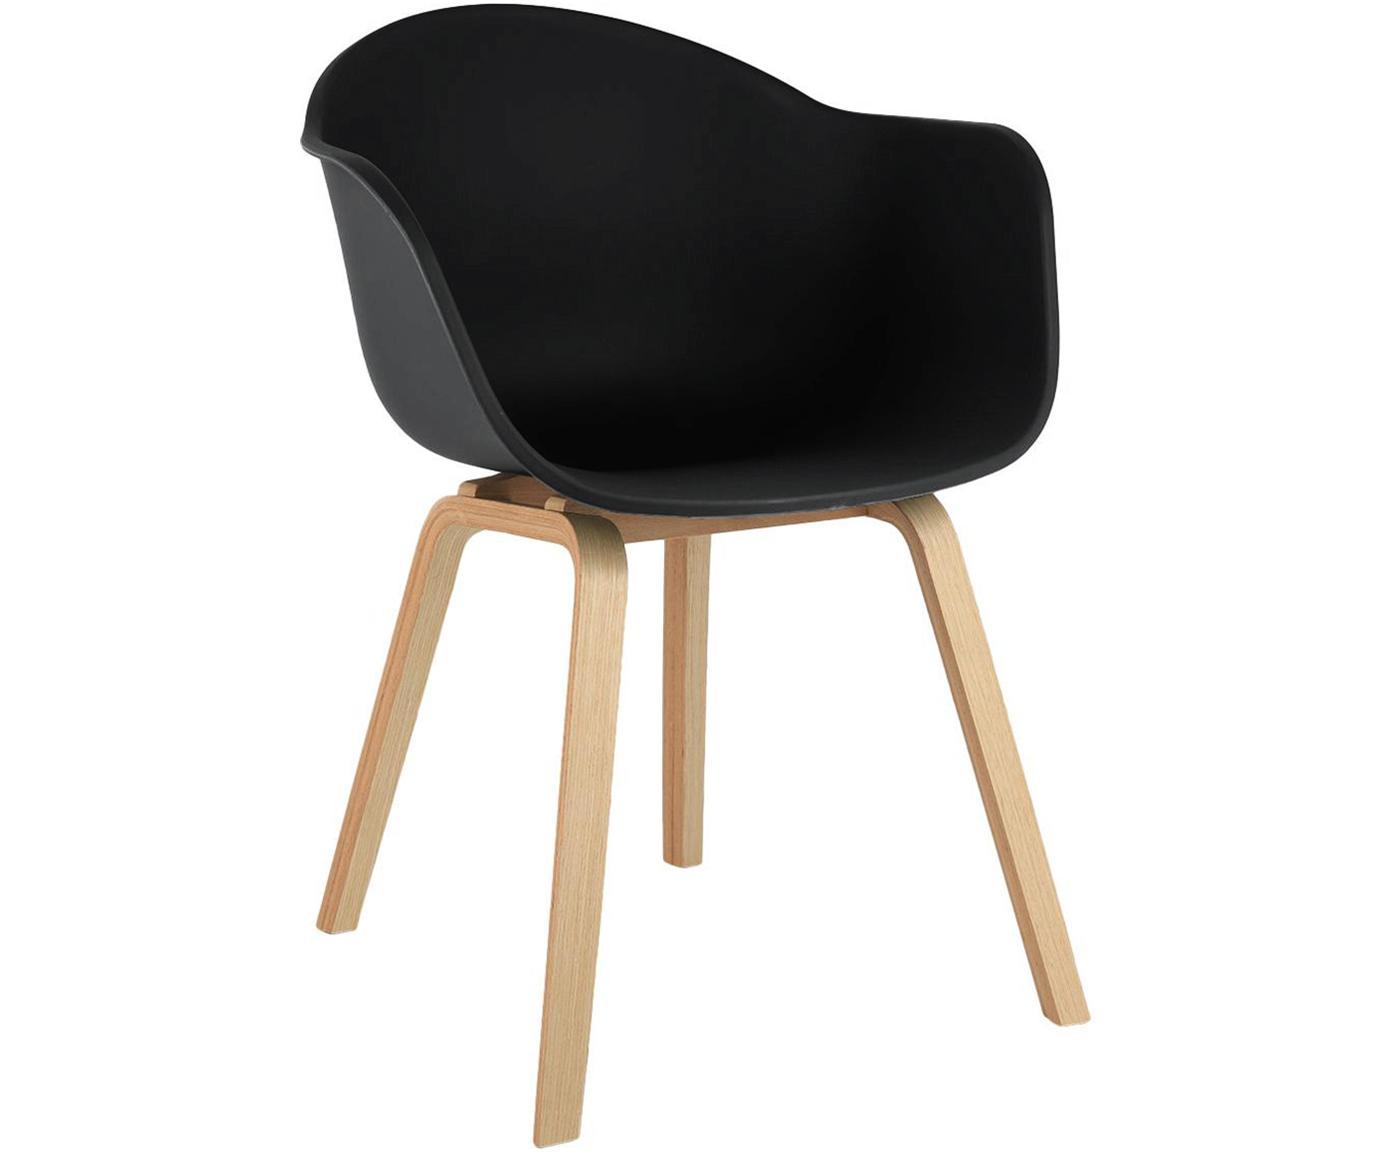 Krzesło z podłokietnikami z tworzywa sztucznego Claire, Nogi: drewno bukowe, Czarny, S 54 x G 60 cm